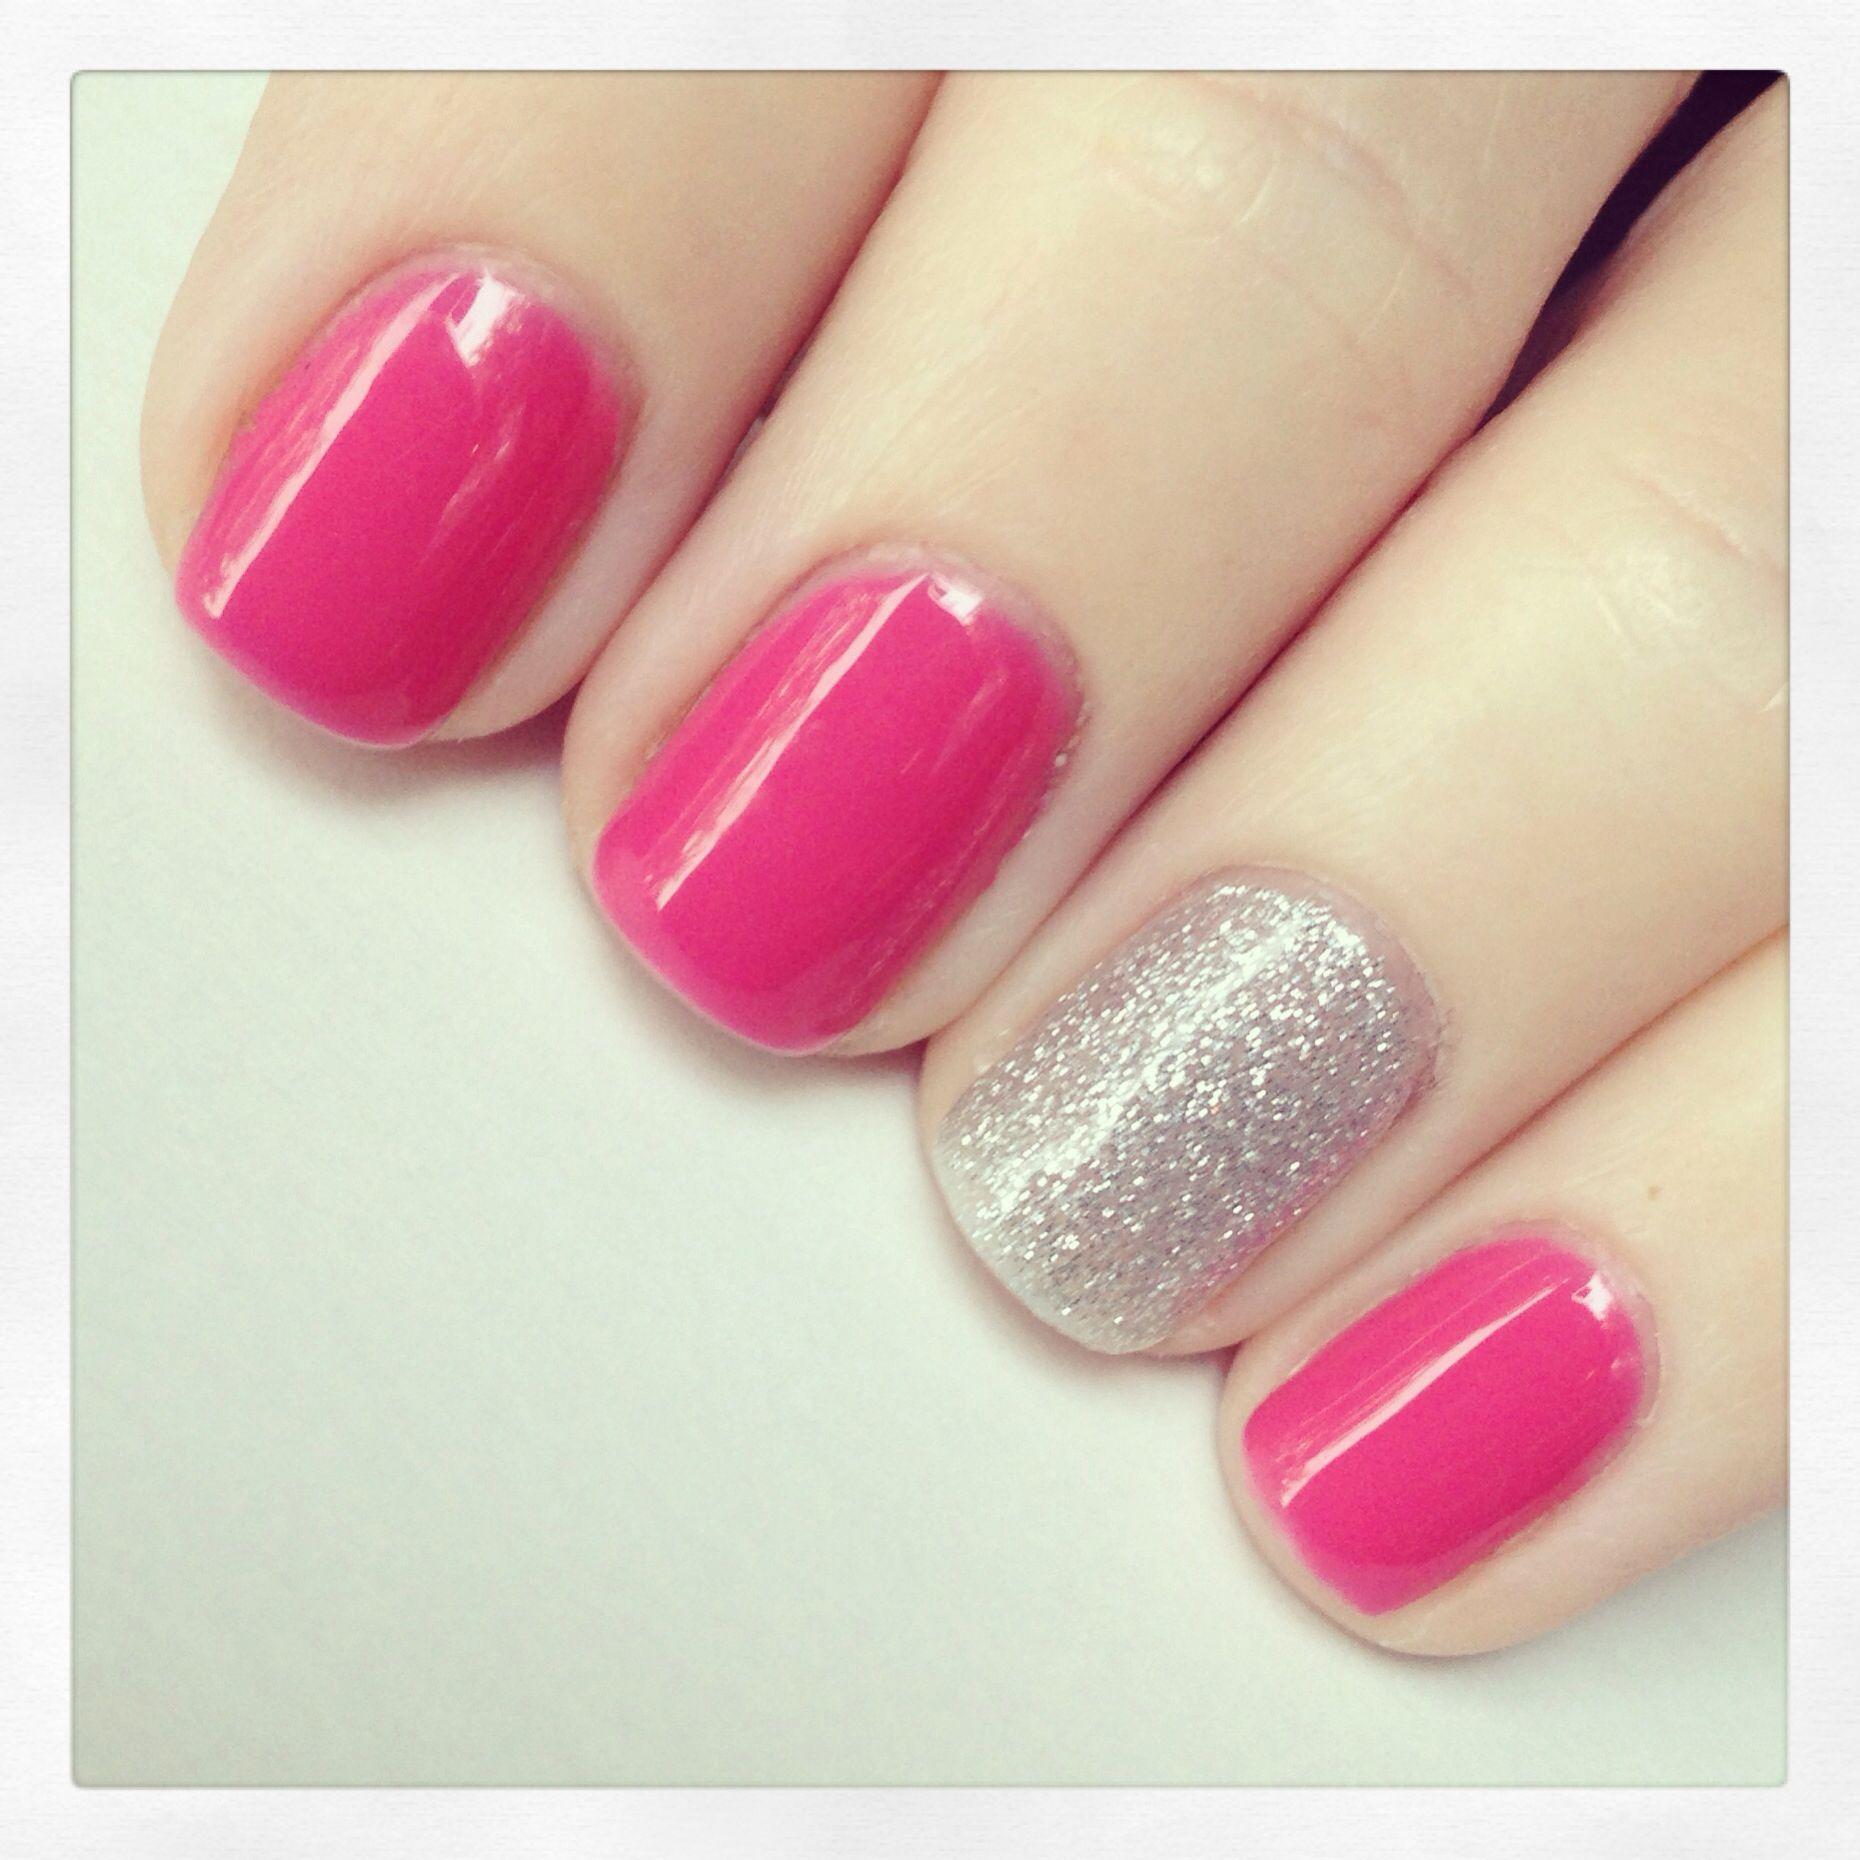 Strawberry Margarita - OPI Gel color   For Beauty\'s Sake   Pinterest ...